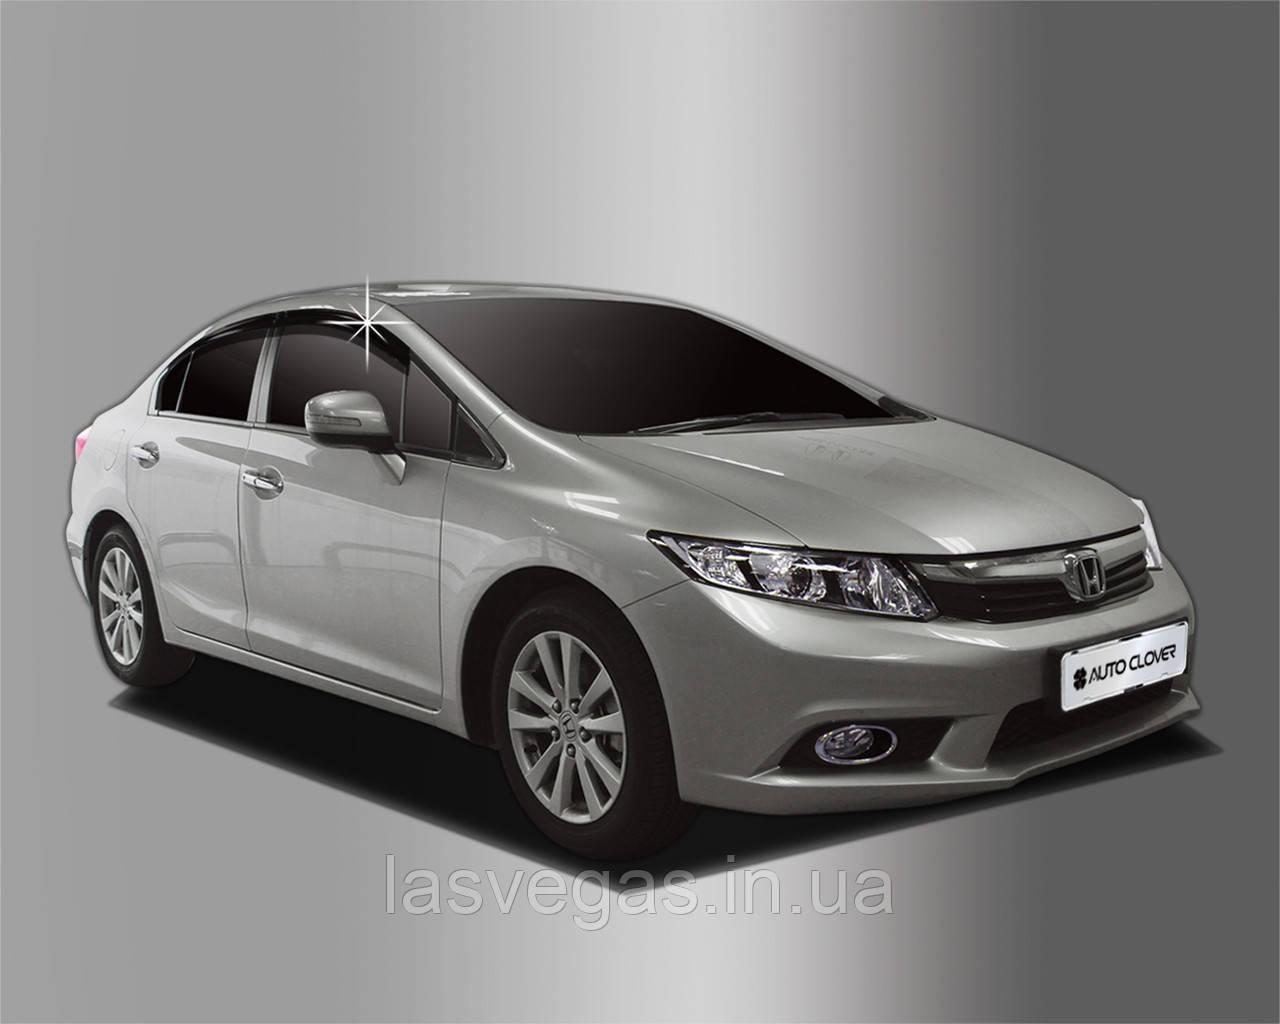 Ветровики, дефлекторы окон Honda Civic 2012+ (Autoclover) A155